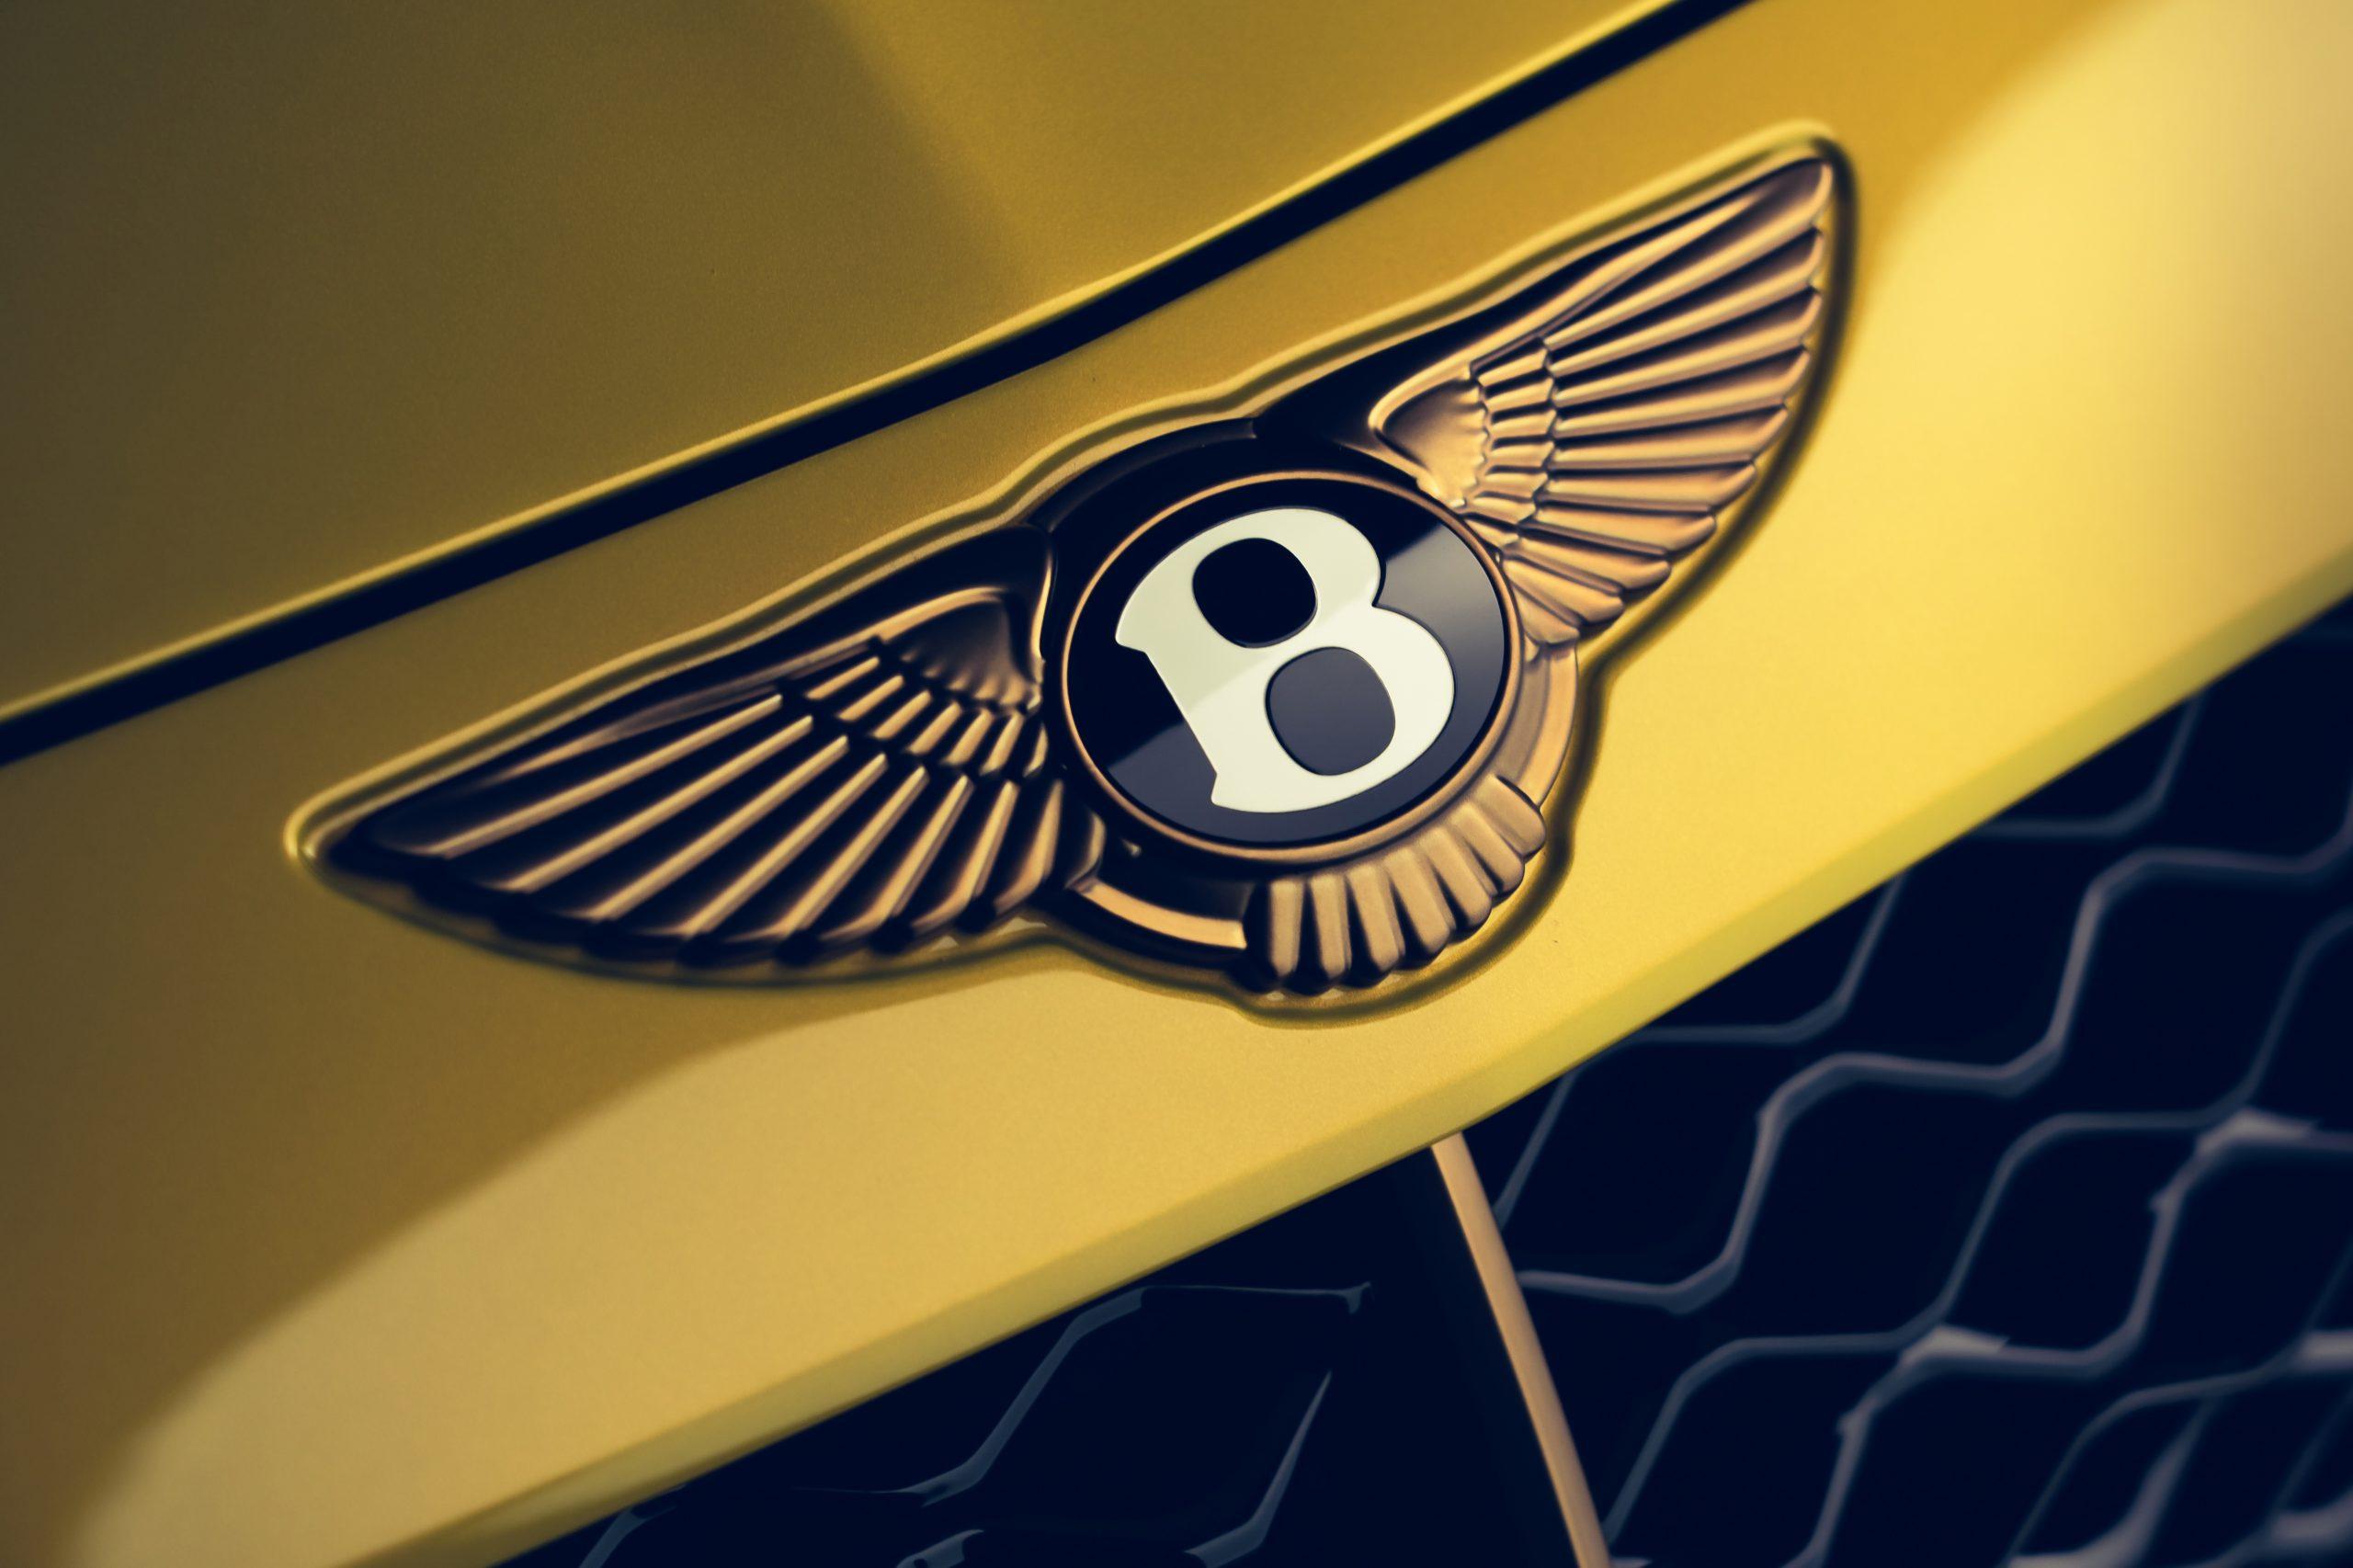 Bentley Mulliner Bacalar logo HD image